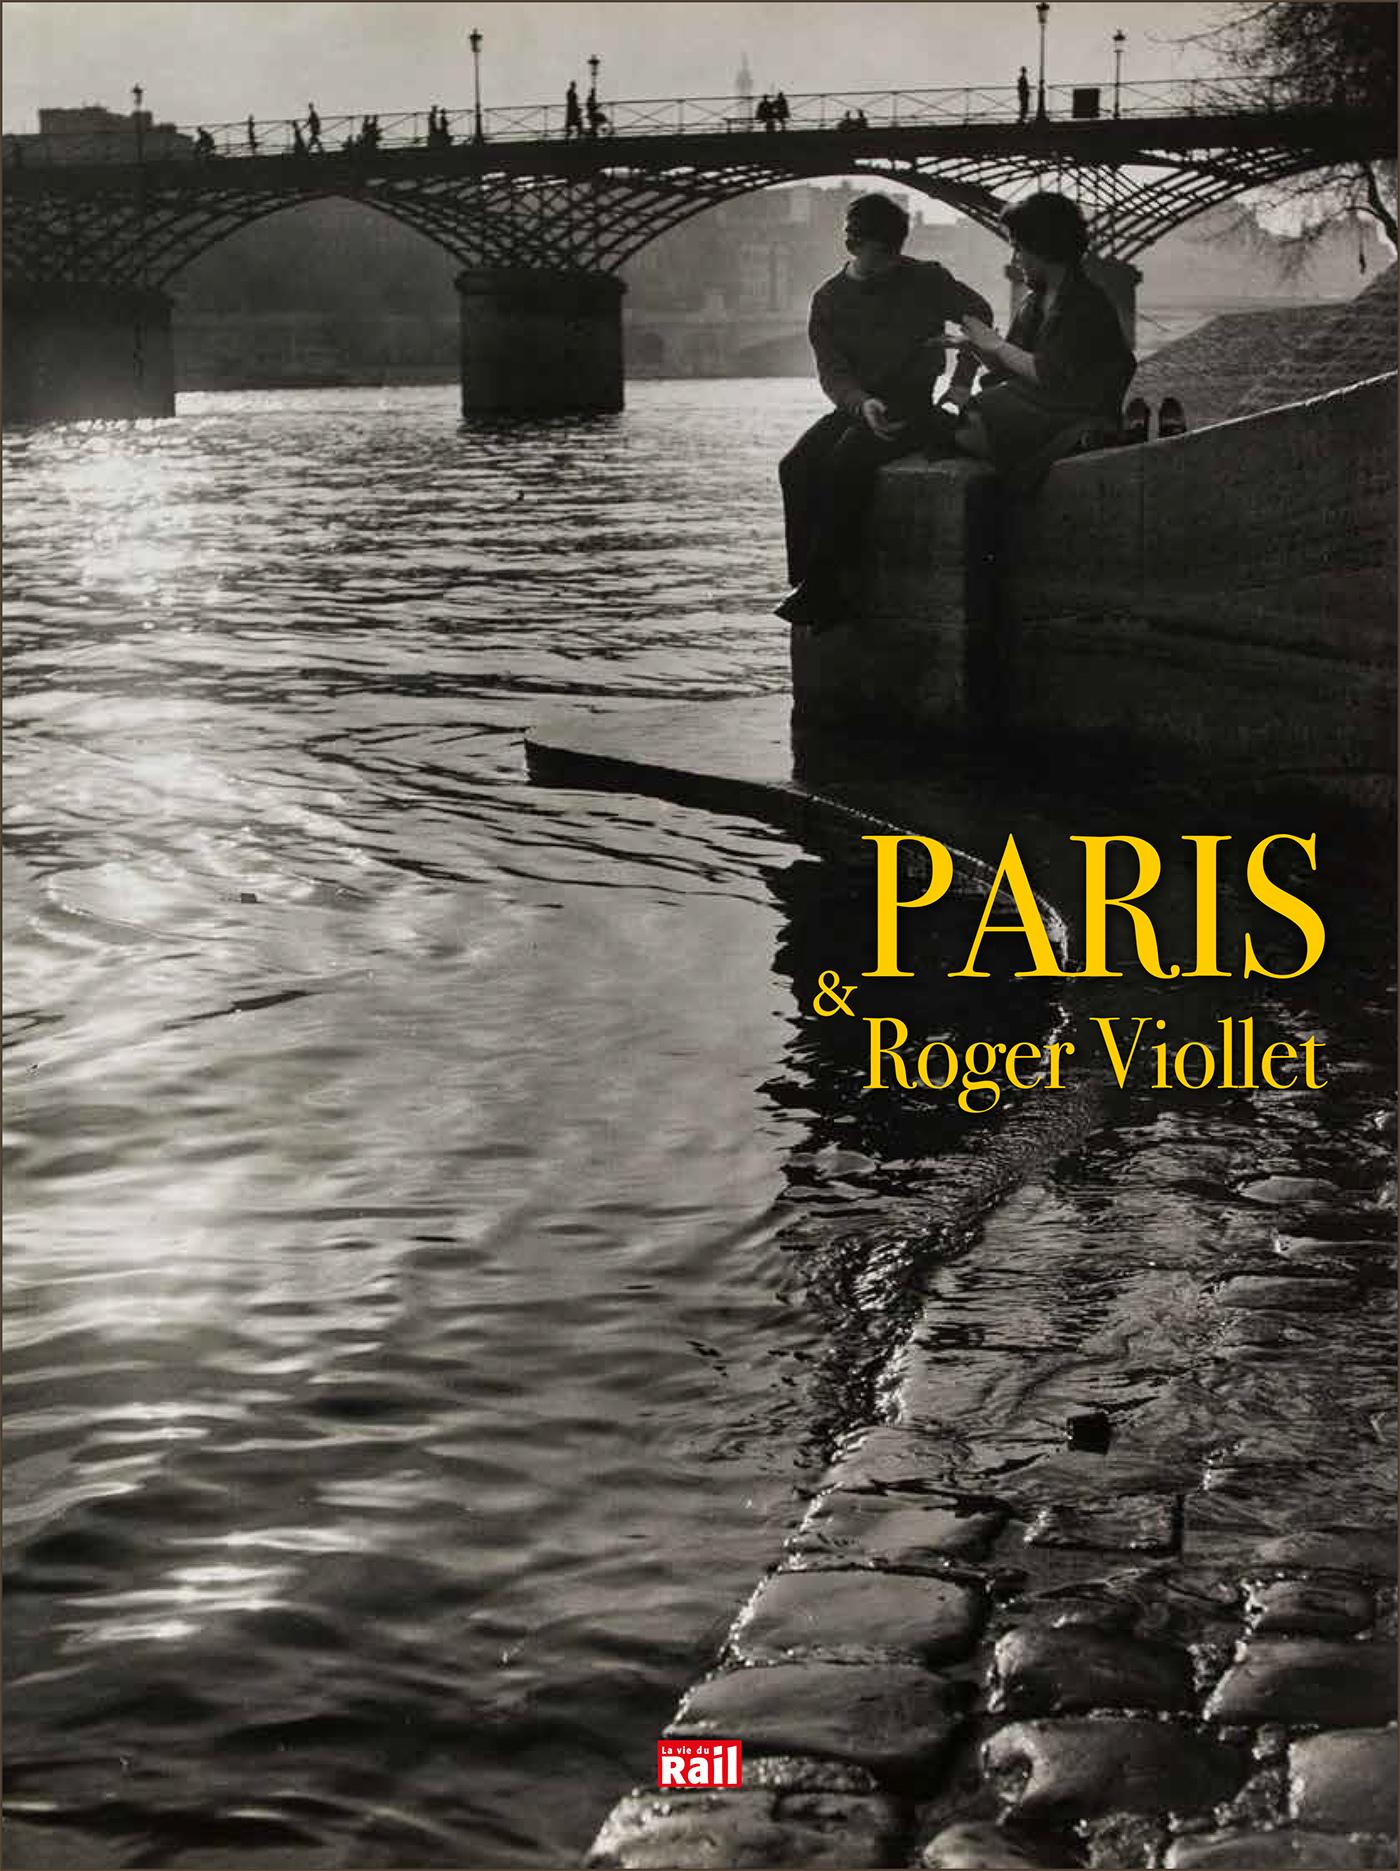 PARIS ET ROGER VIOLET - LE REGARD DE L'AGENCE ROGER VILLET SUR PARIS...TREIZE MILLIONS D'IMAGES POUR